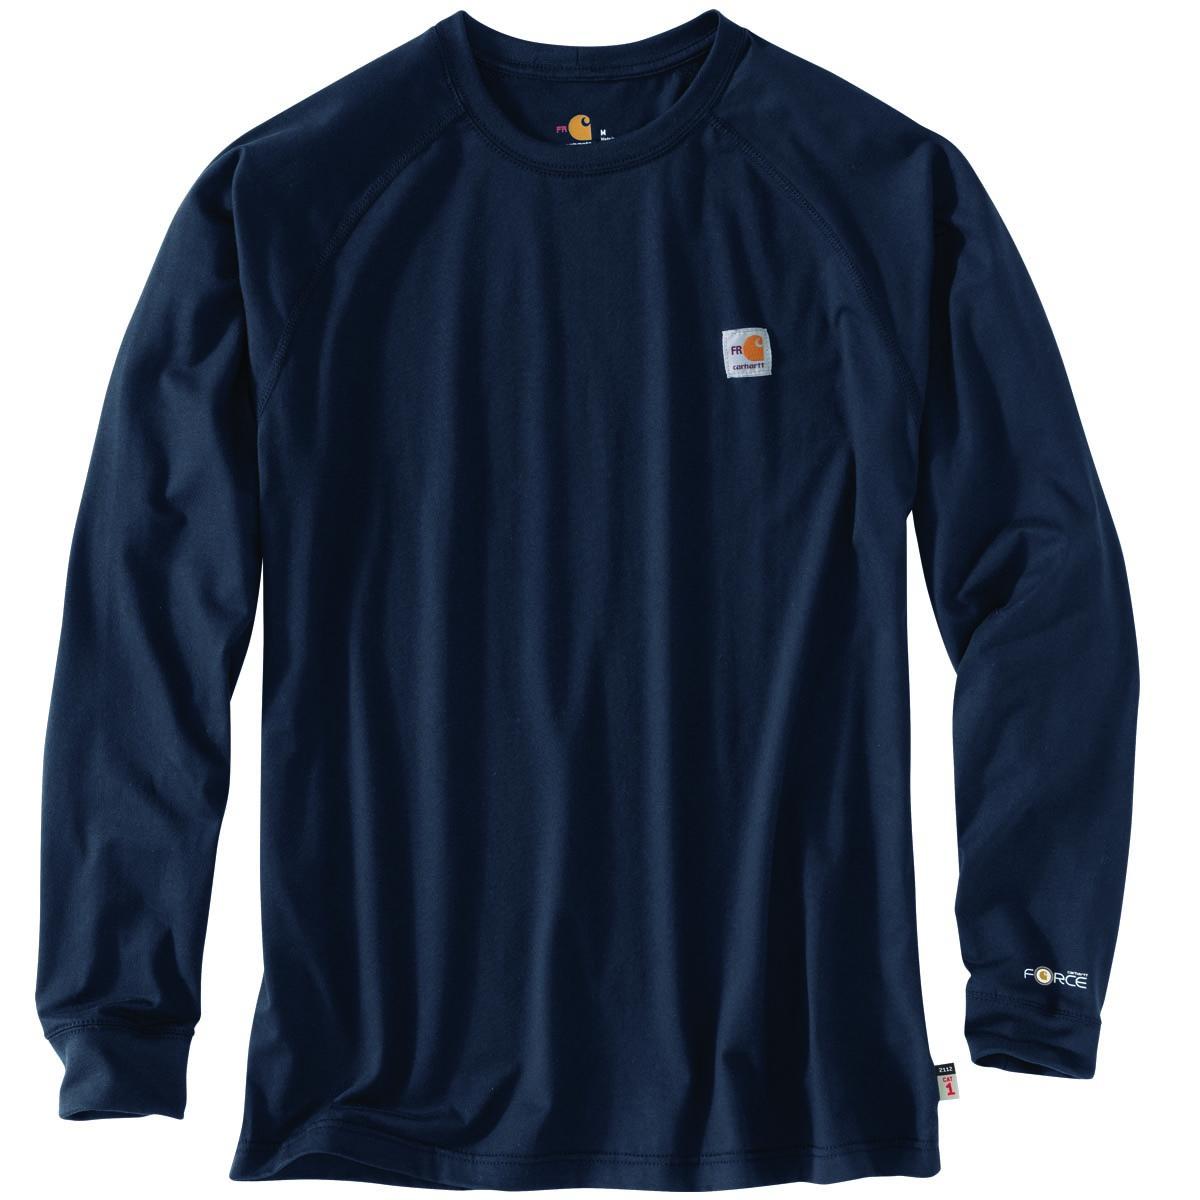 Carhartt Men's FR Force Long Sleeve T-Shirt